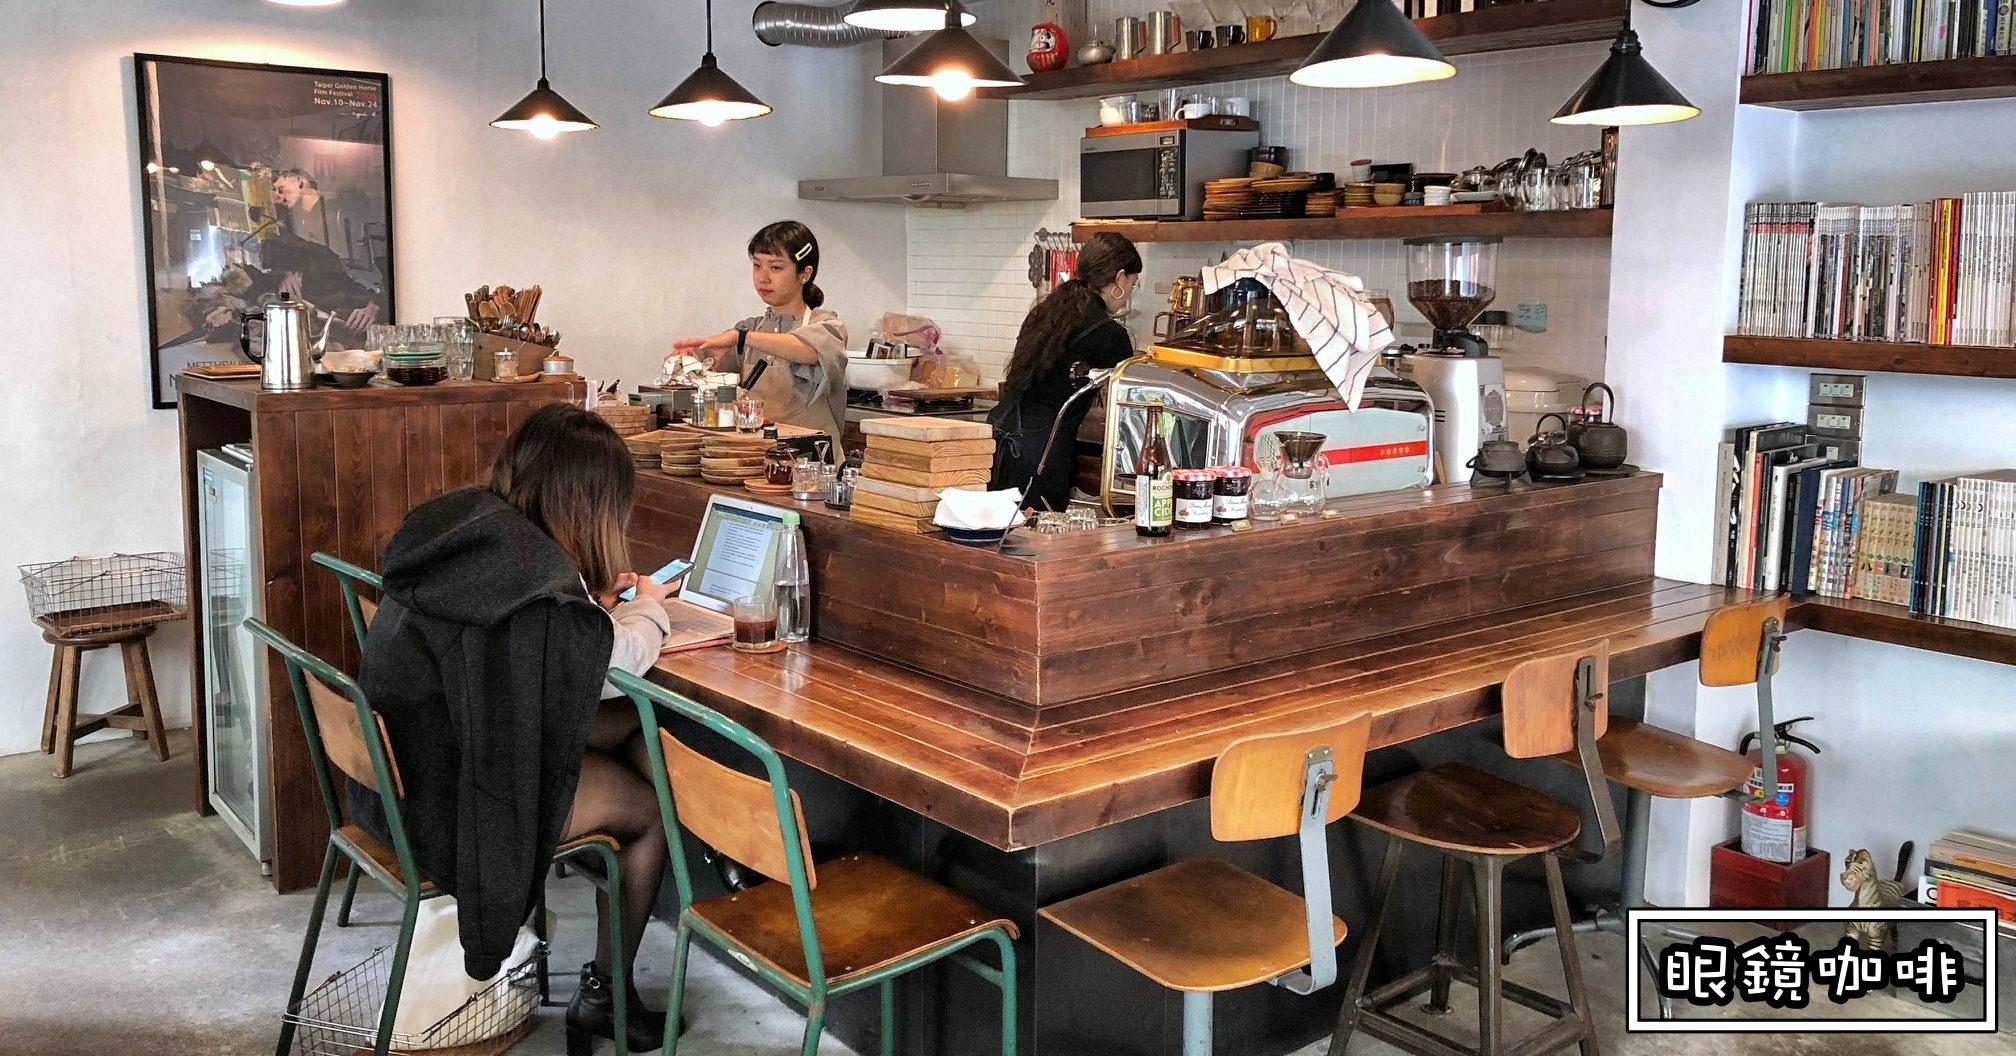 眼鏡咖啡,眼鏡咖啡營業時間,眼鏡咖啡地點,眼鏡咖啡電話,眼鏡咖啡菜單,眼鏡咖啡menu,眼鏡咖啡價錢,眼鏡咖啡四維路,四維路咖啡,大安站咖啡 @Nash,神之領域